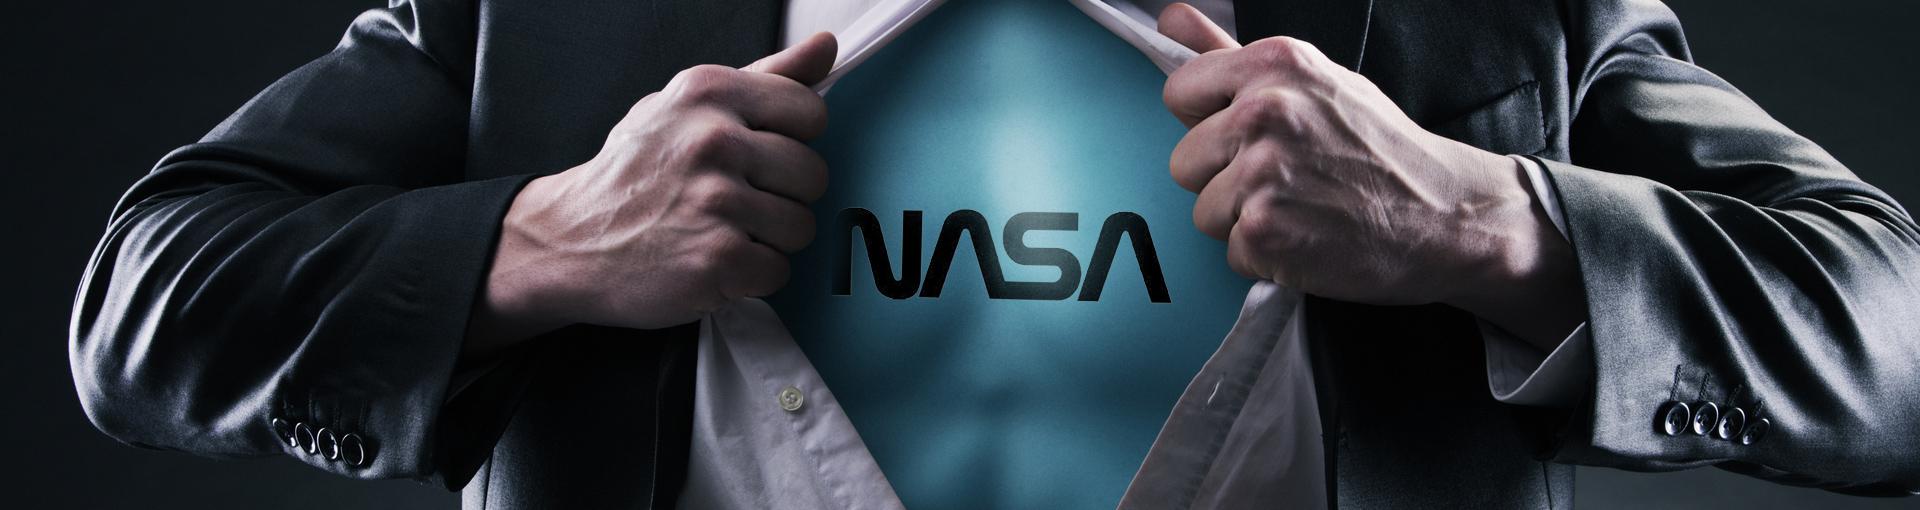 NASA HAS SELF-HEALING MATERIAL